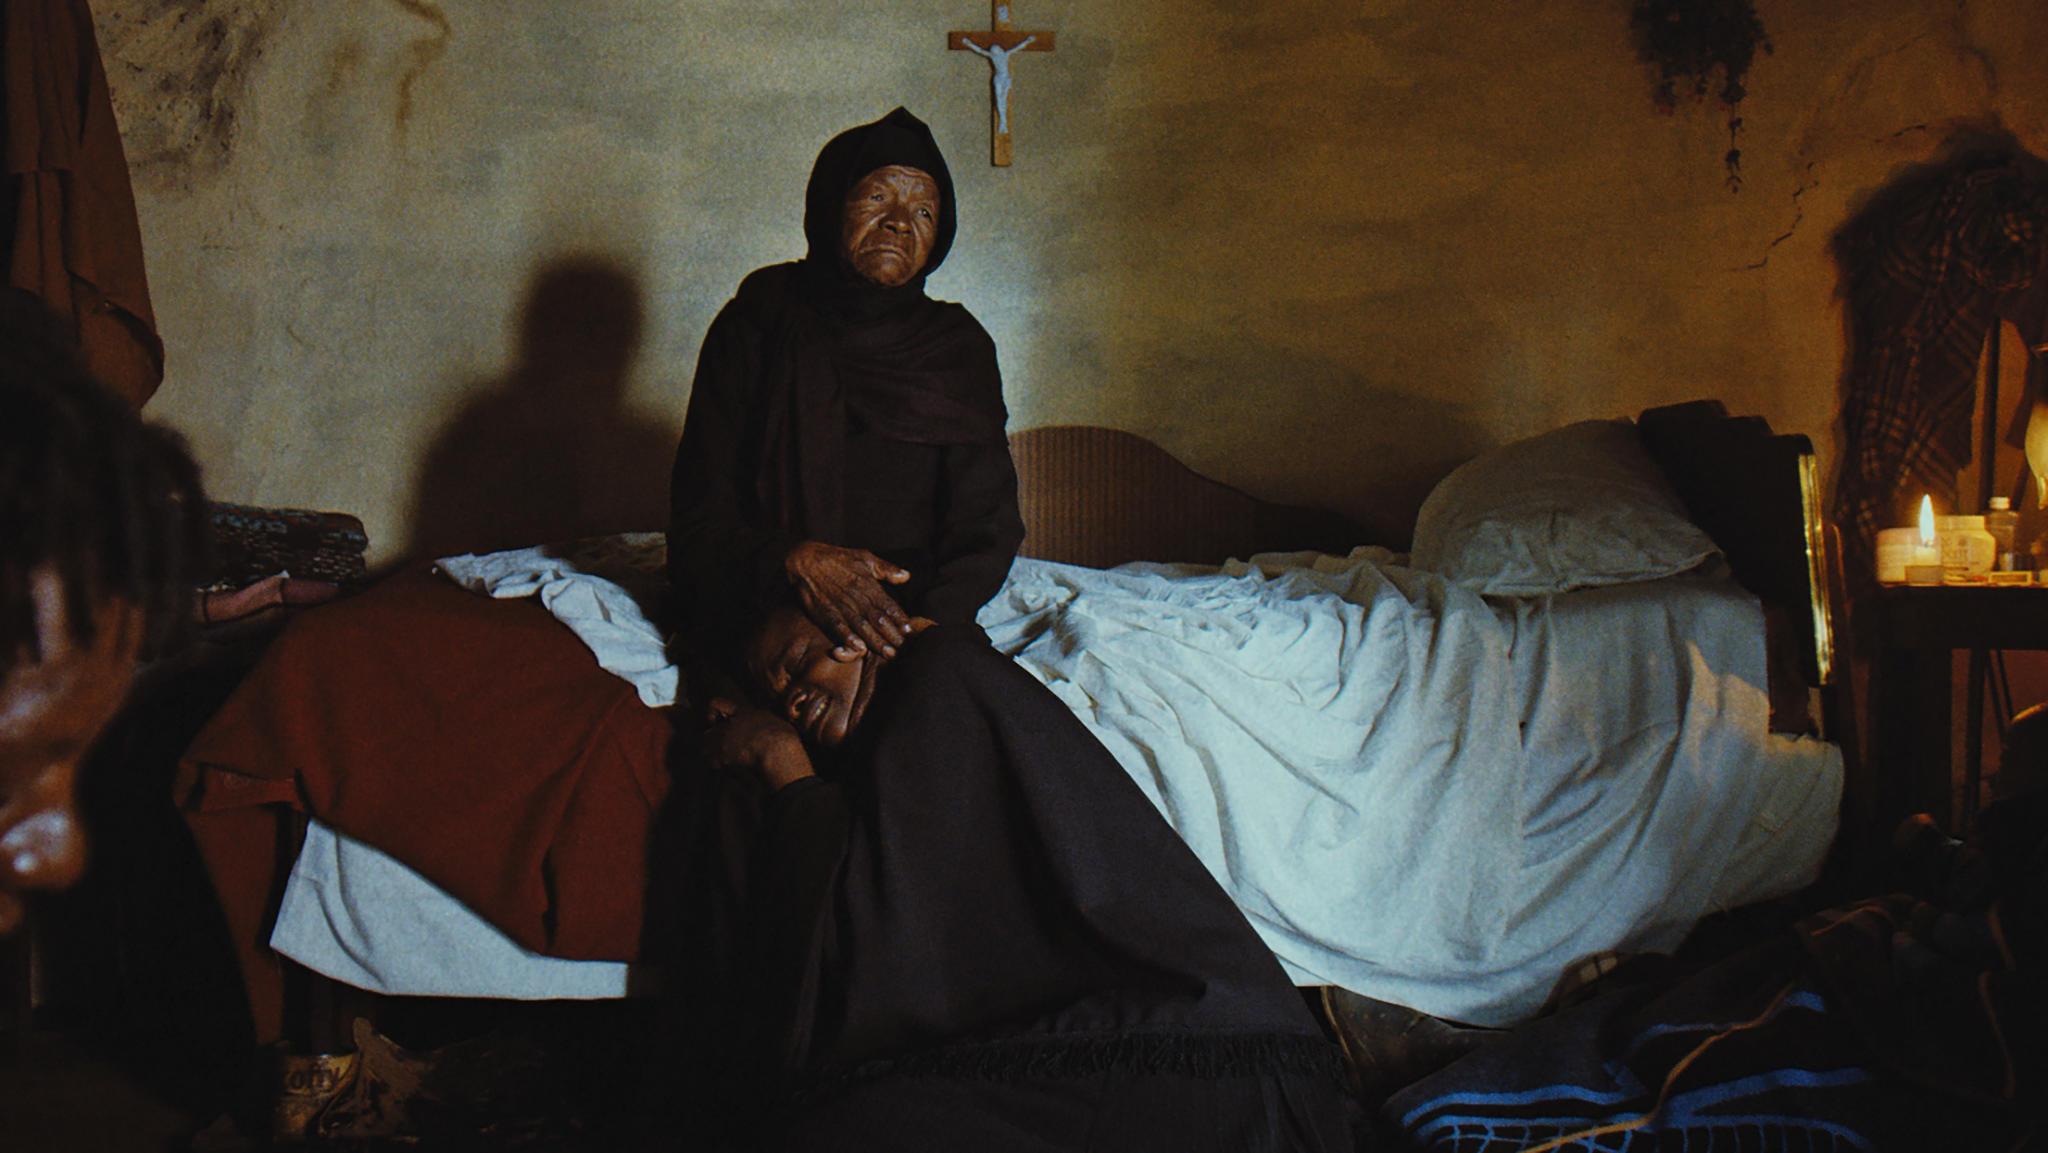 Cena do filme Isso Não É um Enterro, É uma Ressurreição. Mary Twala, uma senhora negra de 80 anos, está vestida toda de preto, com um vestido que cobre até a cabeça. Ela está sentada em uma cama com lençol branco e, no seu colo, está apoiada uma mulher negra e jovem de uns 30 anos. A mulher chora e está vestida com uma roupa preta que a cobre por inteiro. Ao fundo, na parede bege marcada, está pendurado um crucifixo com Jesus.